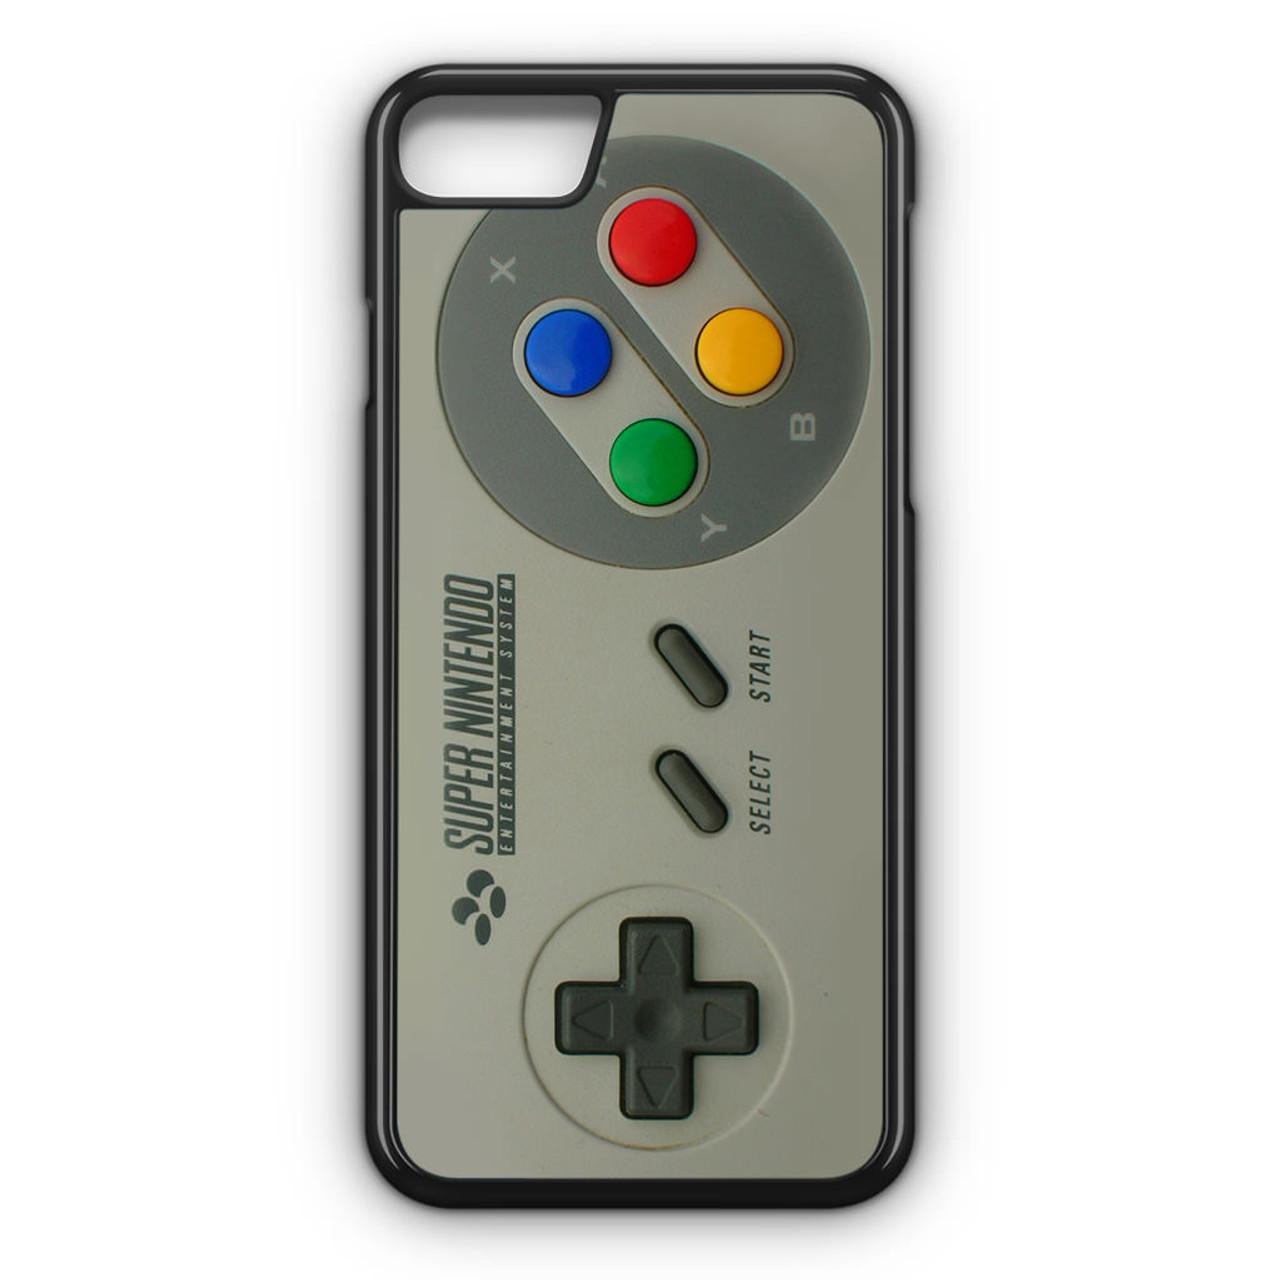 reputable site cf3e6 16e18 SNES Controller iPhone 7 Case